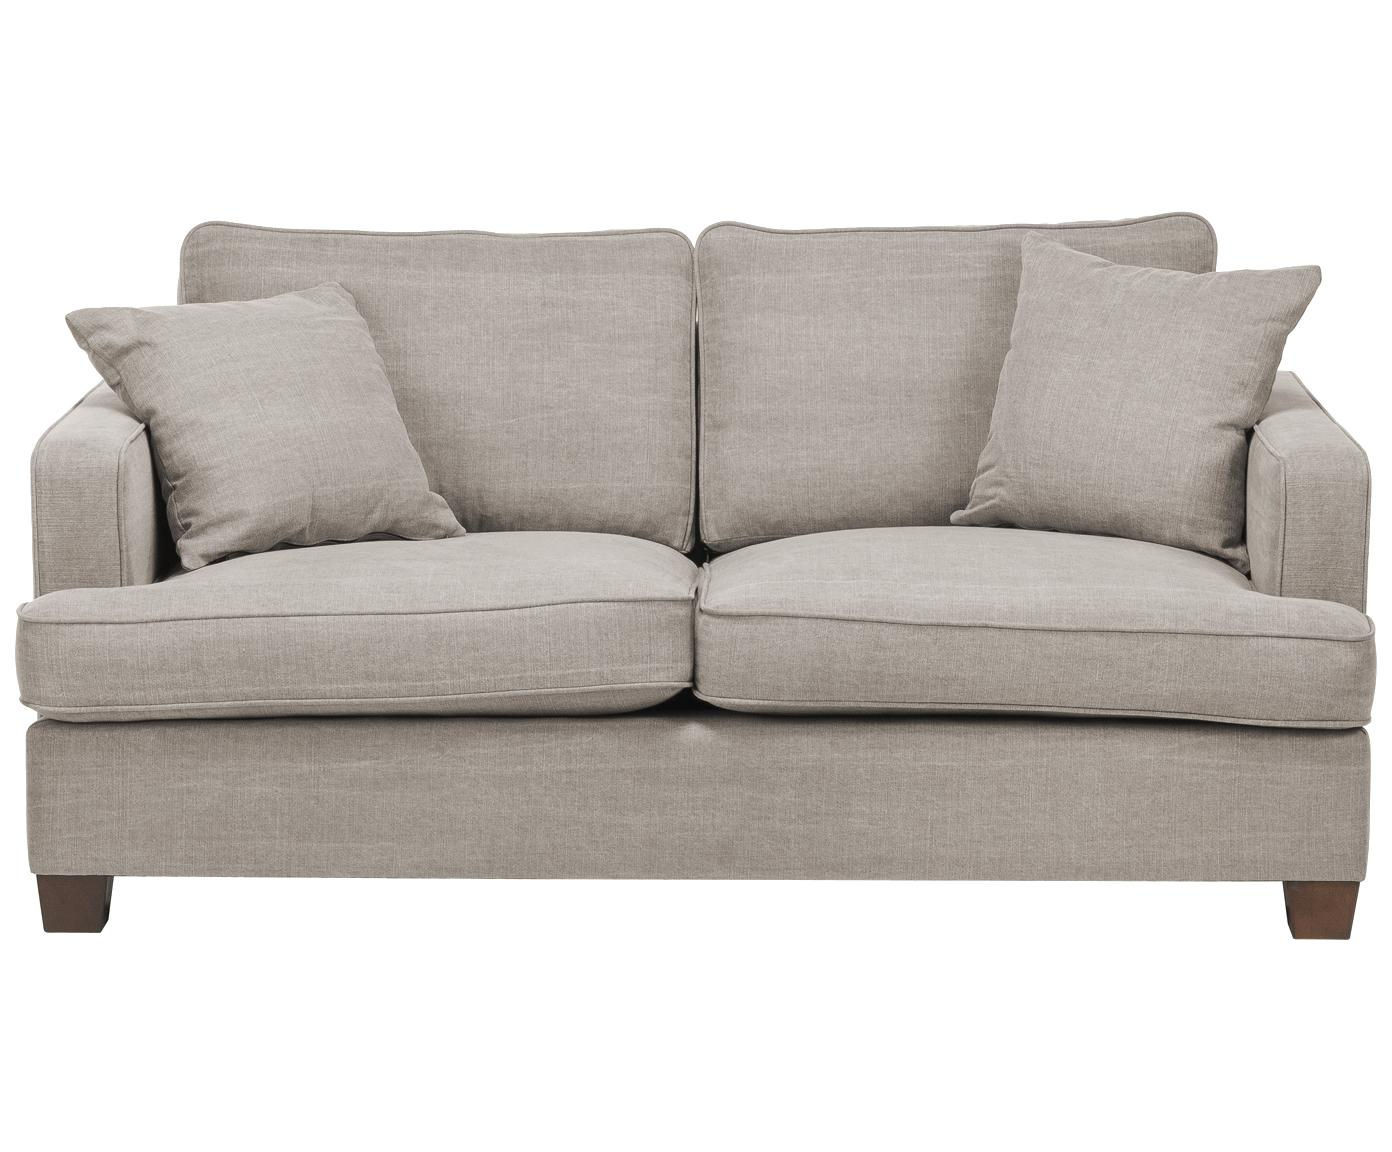 Duża sofa Warren (2-osobowa), Stelaż: drewno naturalne, Tapicerka: 60%bawełna, 40%len Tkan, Nogi: czarne drewno, Piaskowoszary, S 178 x W 85 cm